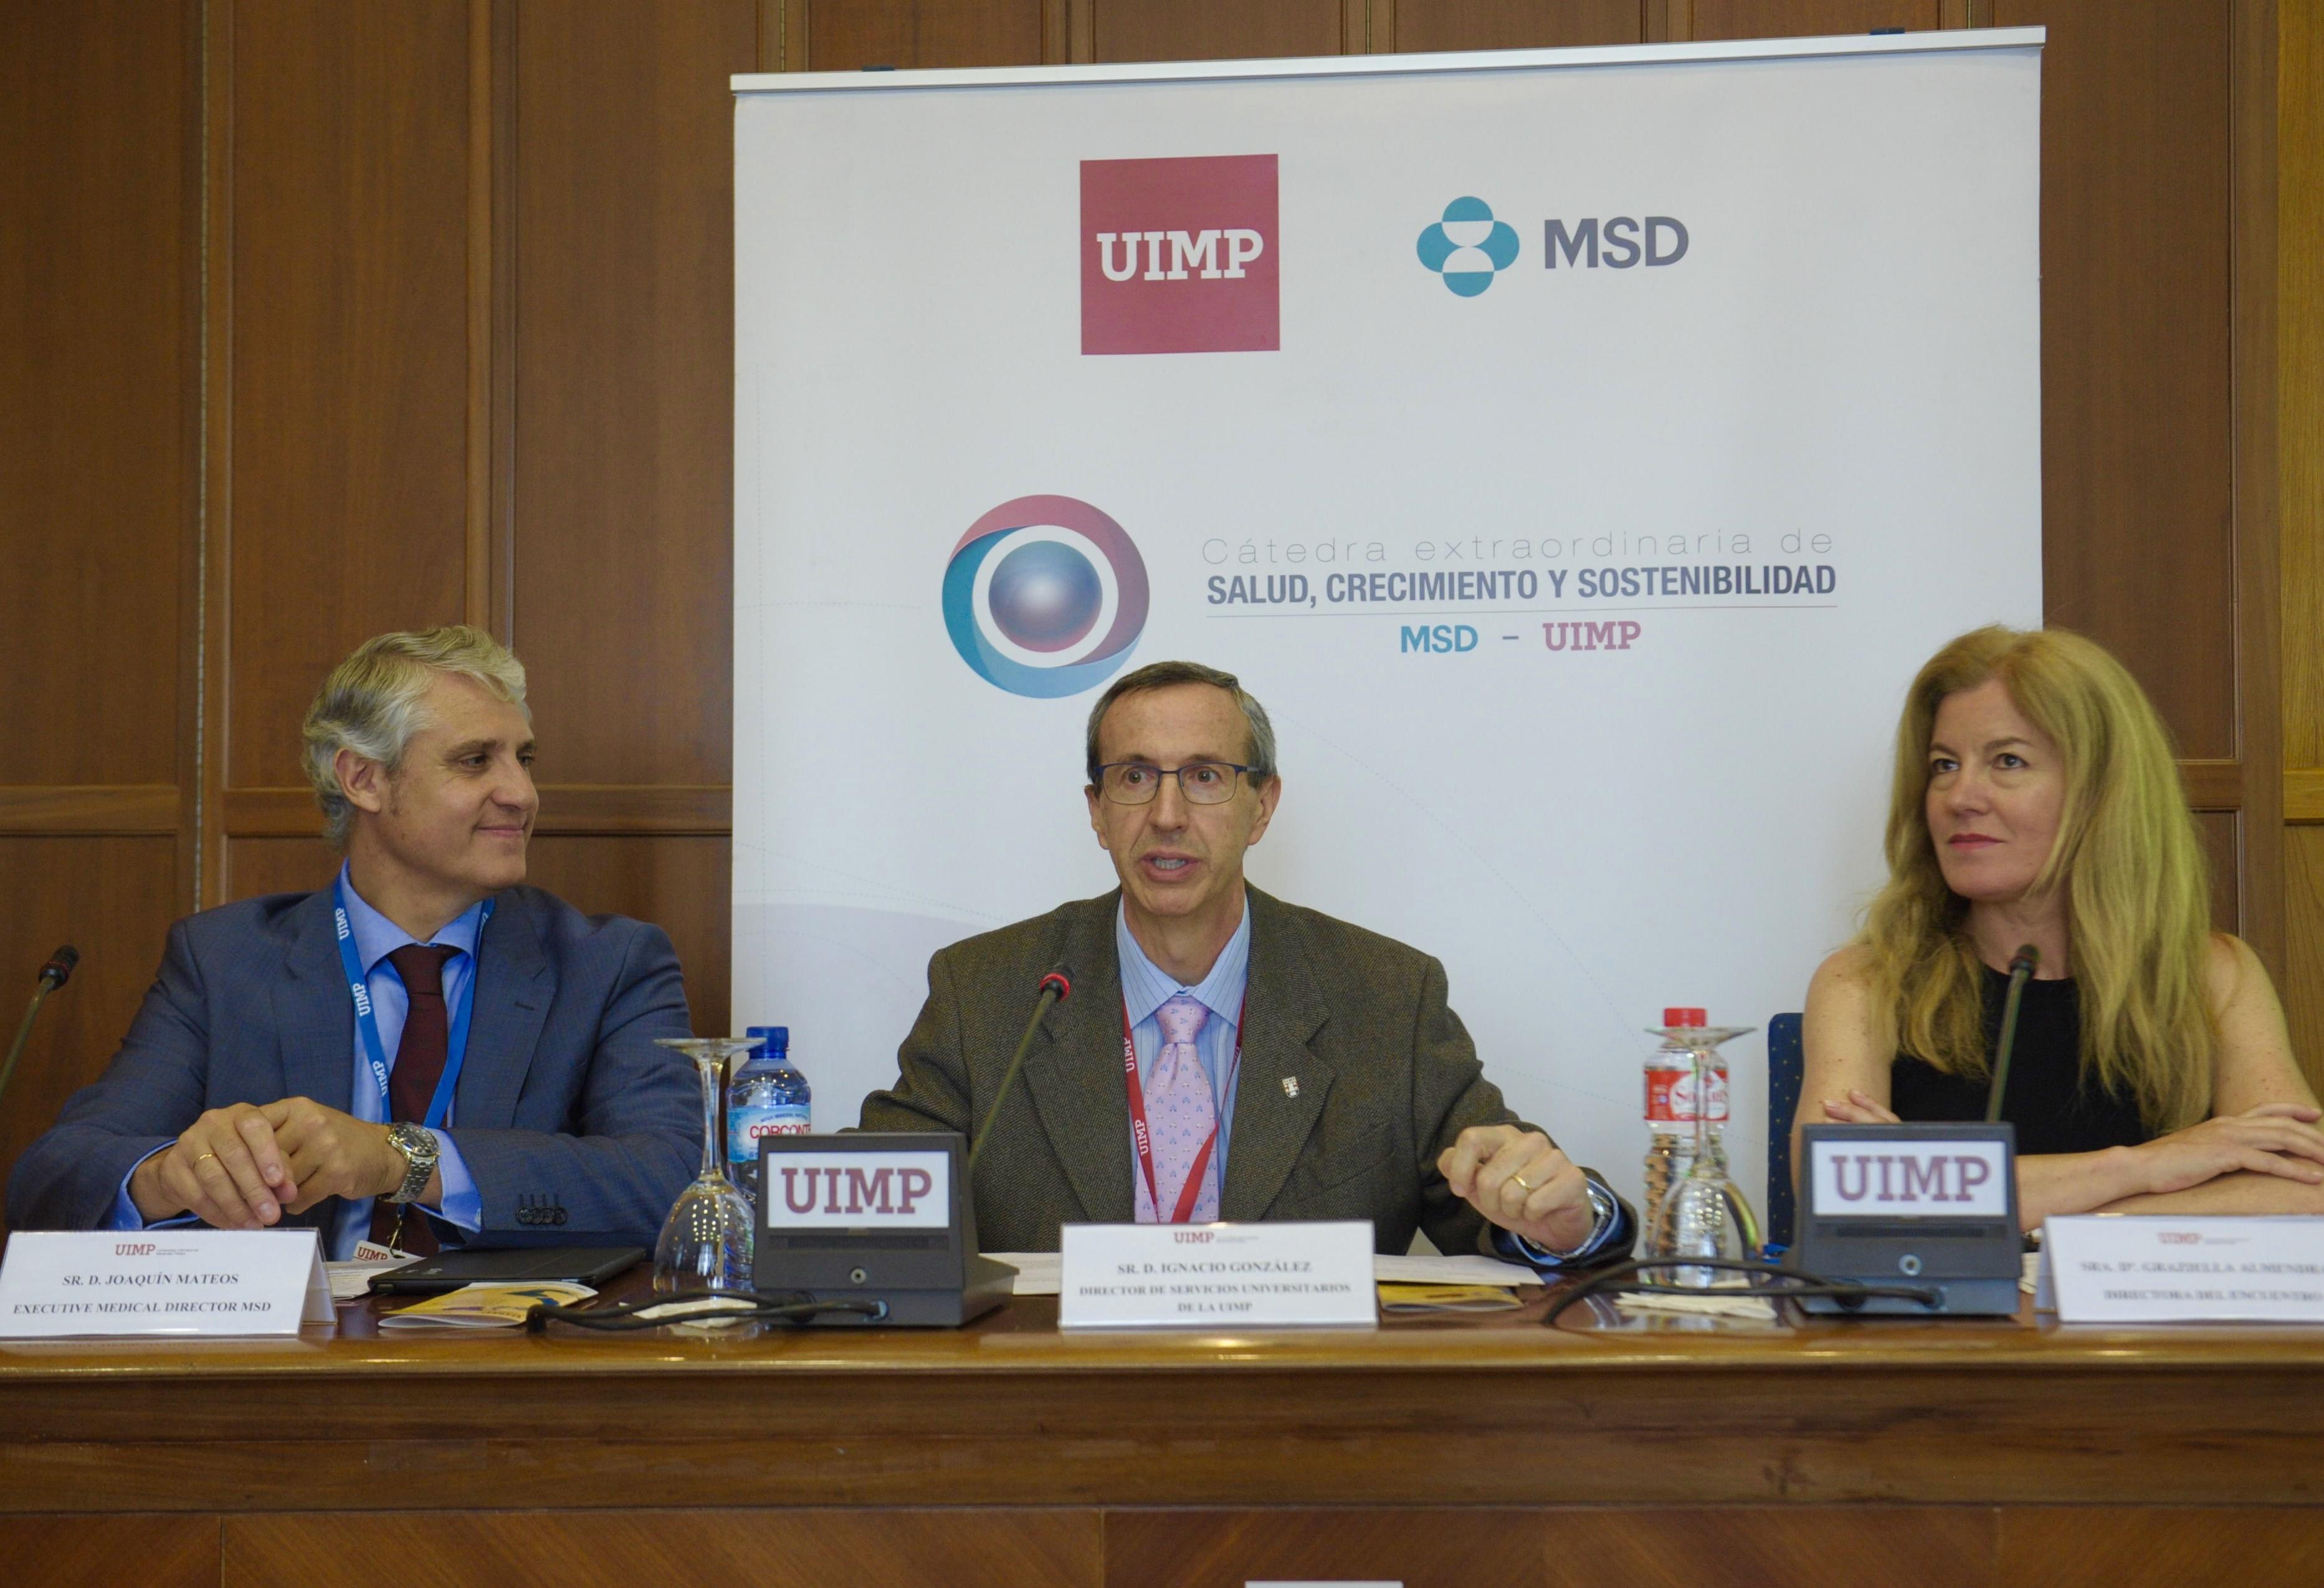 Inauguración-Curso-Emergencias-MSD-UIMP